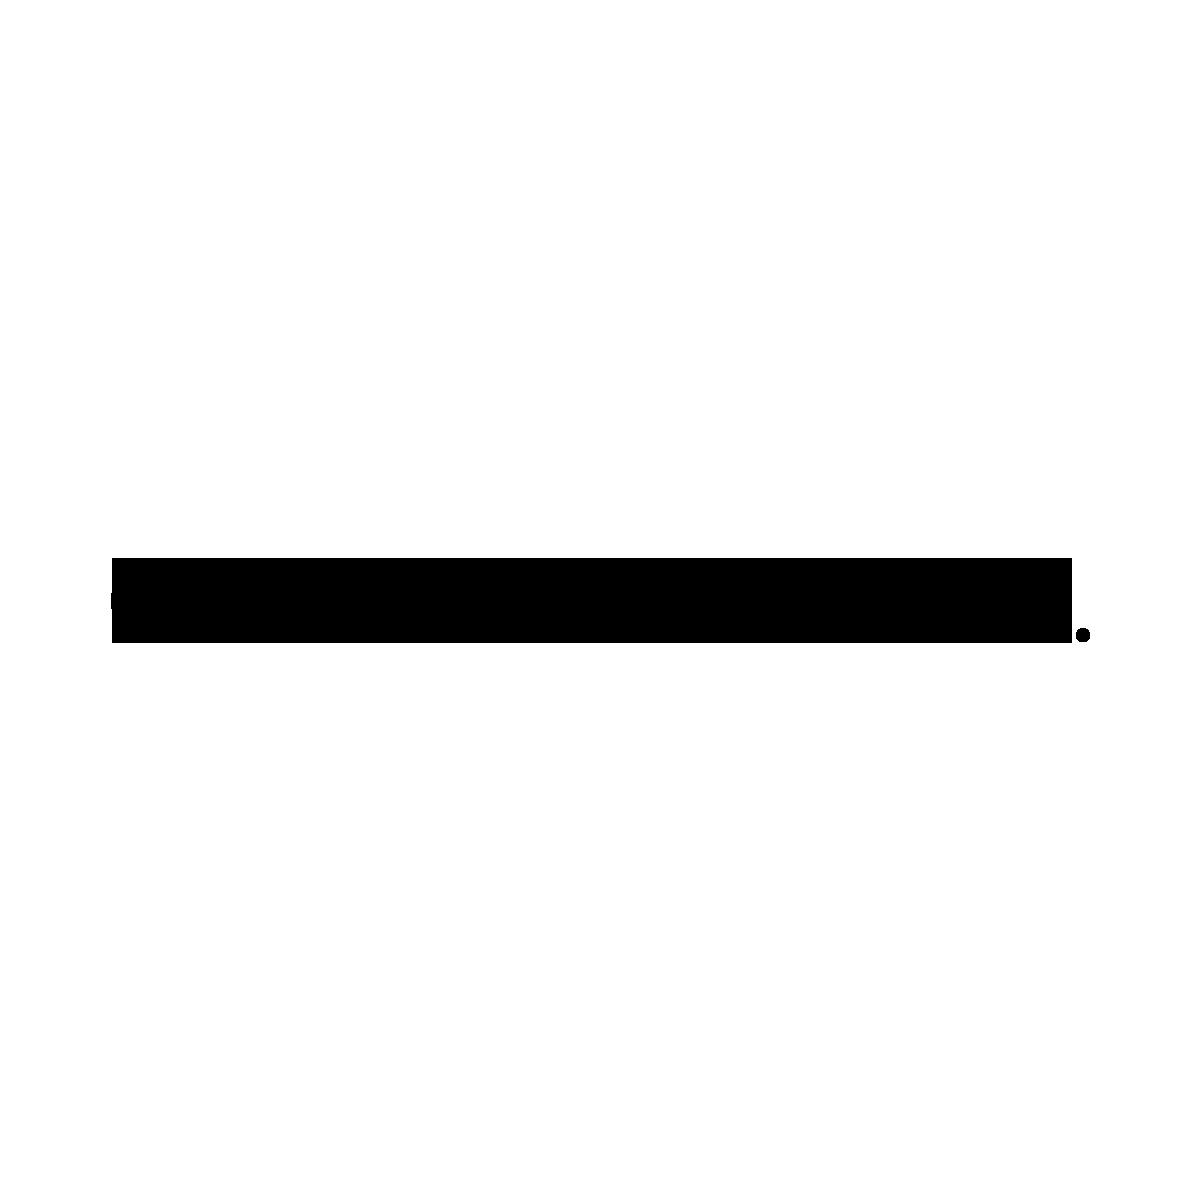 Schultertasche-per-Hand-geschliffenes-Leder-Olive